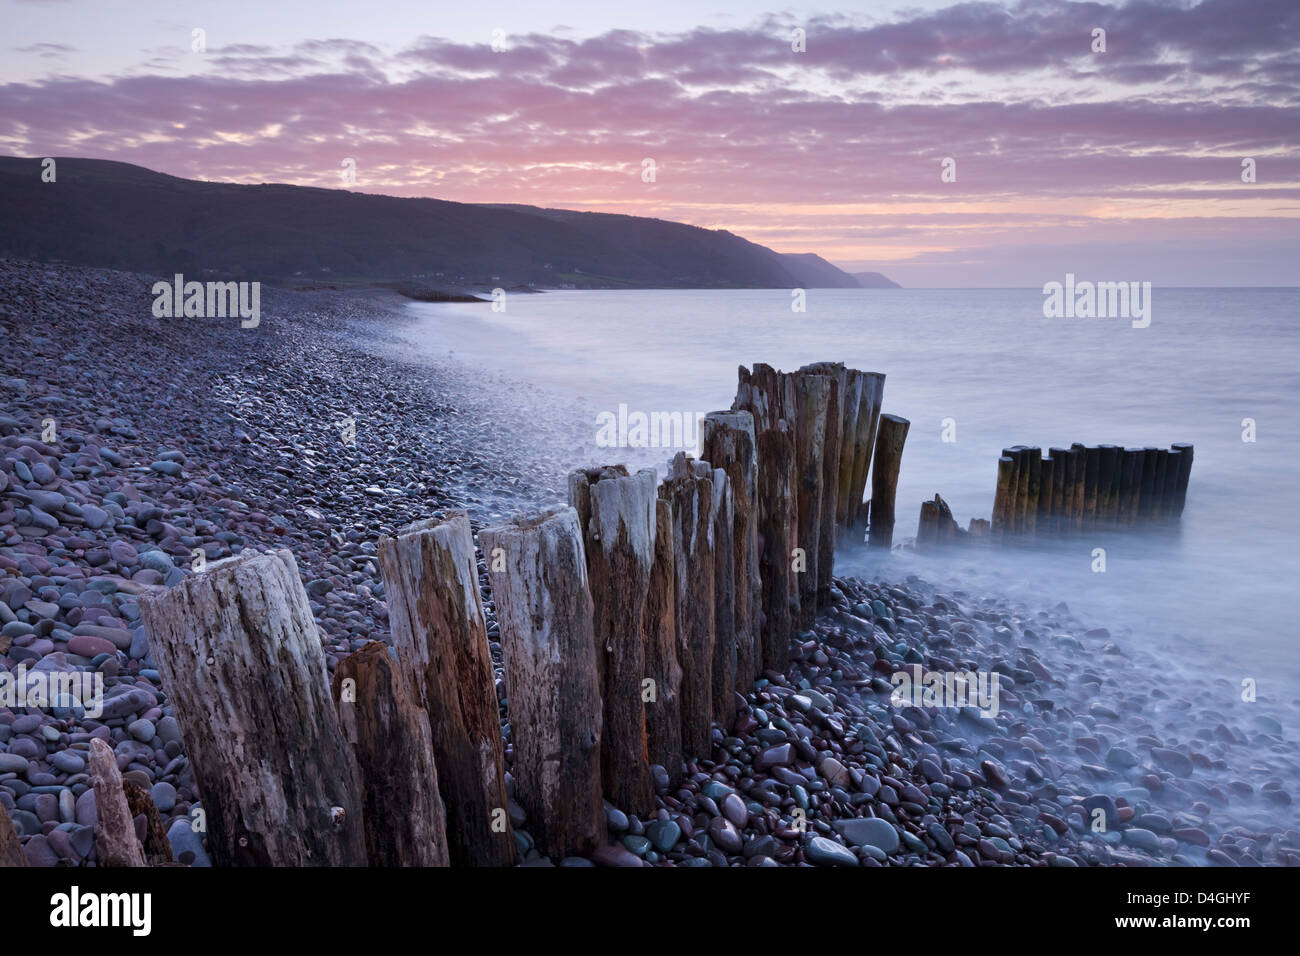 Groyne in legno sulla spiaggia Bossington, Exmoor, Somerset. Inverno (Marzo) 2012. Immagini Stock